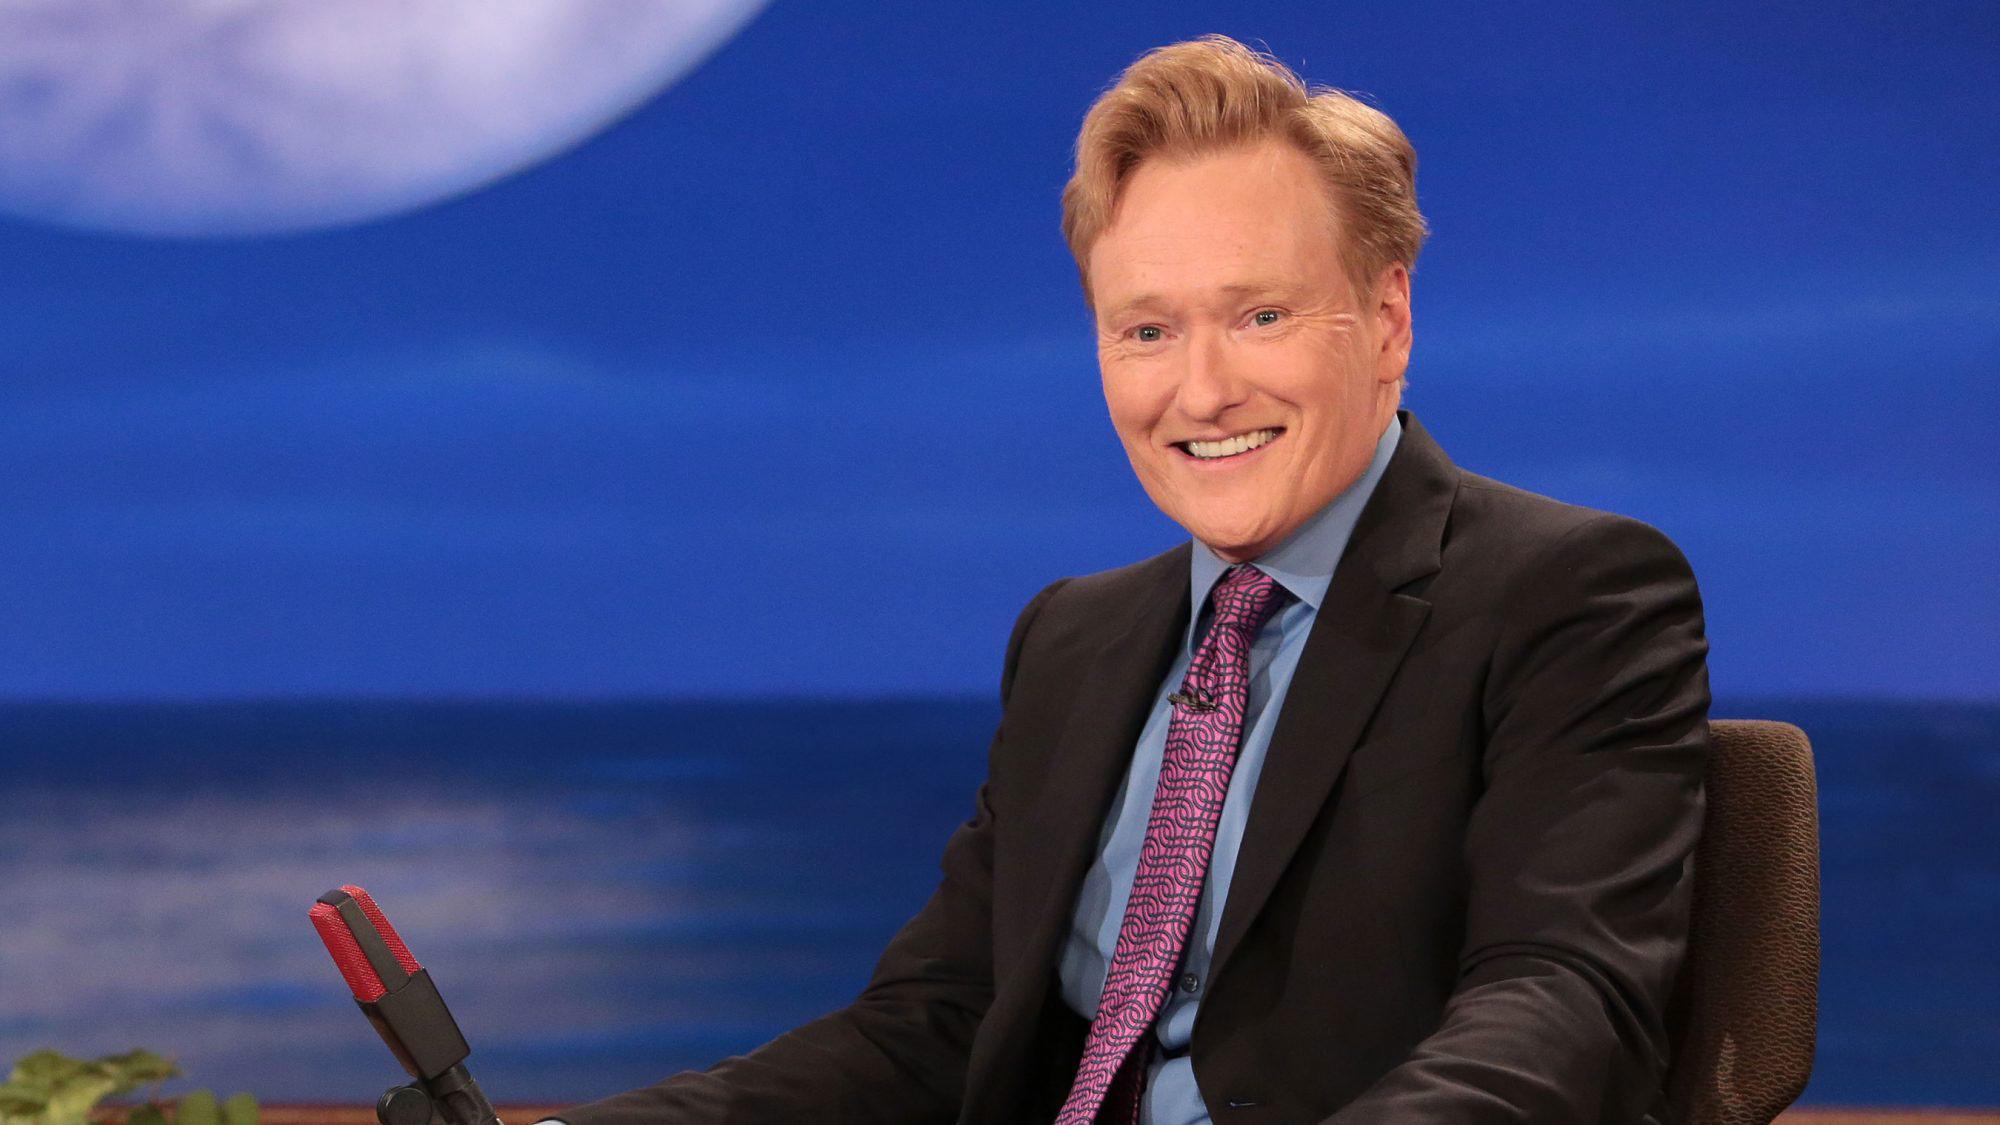 Canceled TV shows: Conan